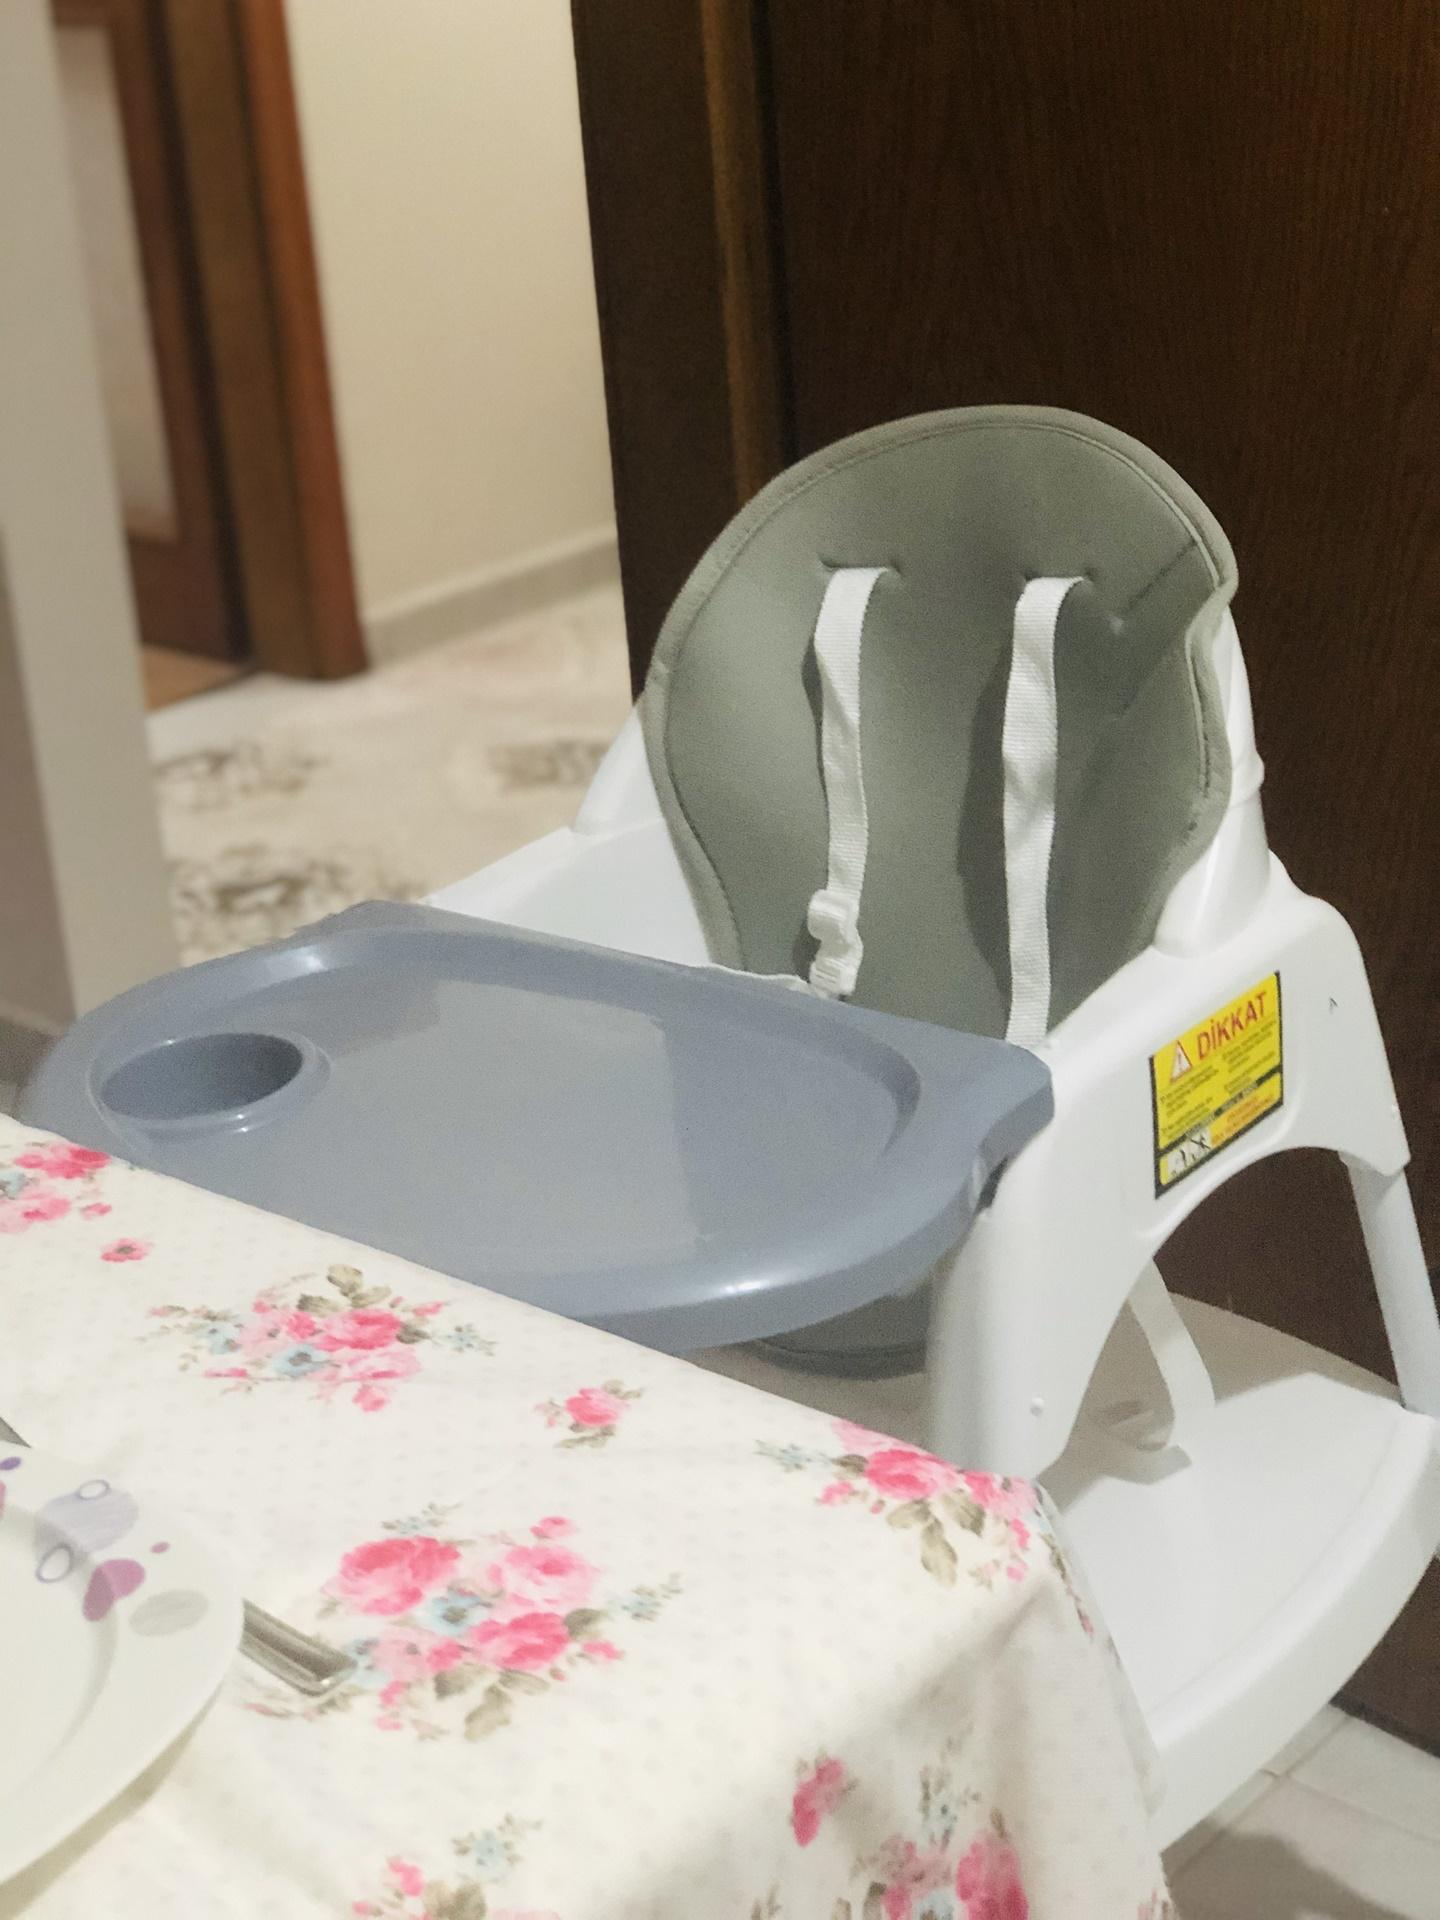 babyplus-double-masali-mama-sandalyesi